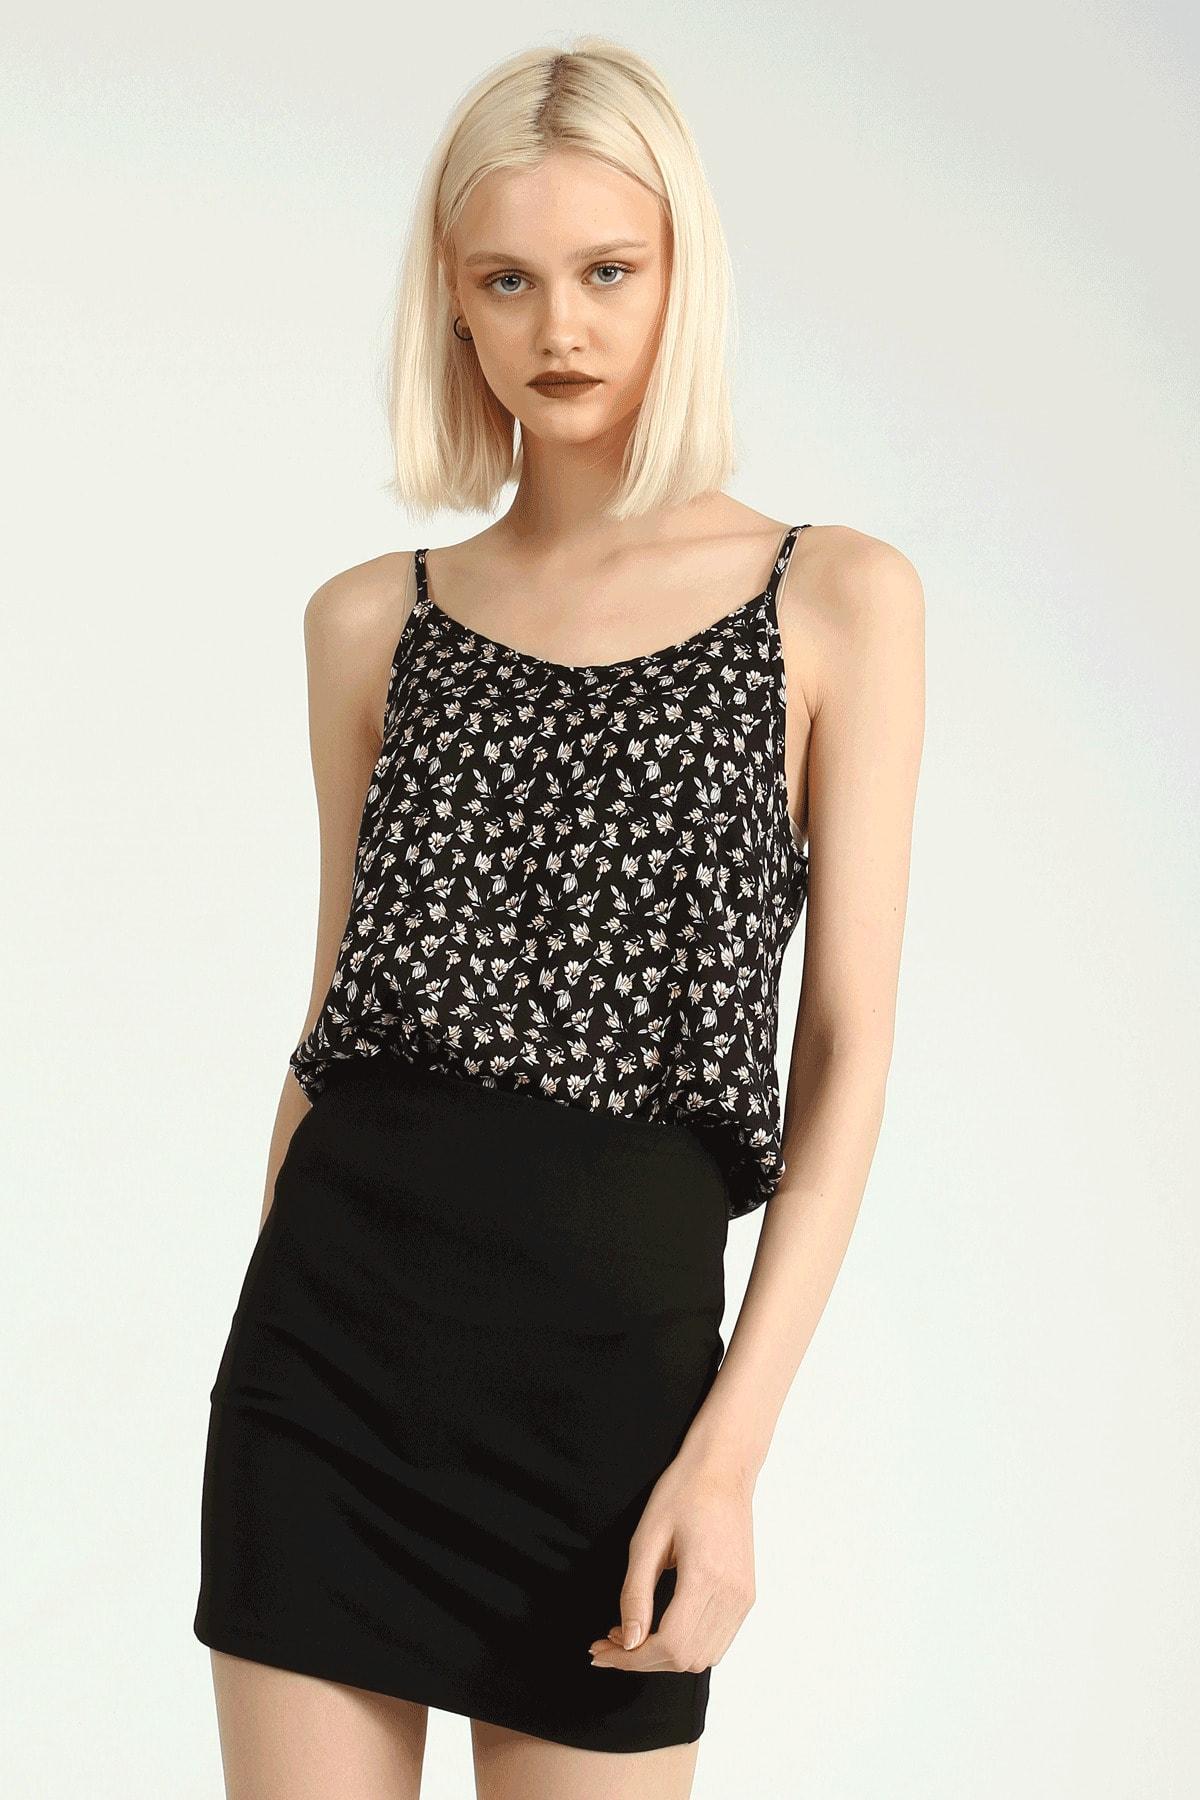 Collezione Siyah Çiçek Desenli Askılı Kadın Bluz 2